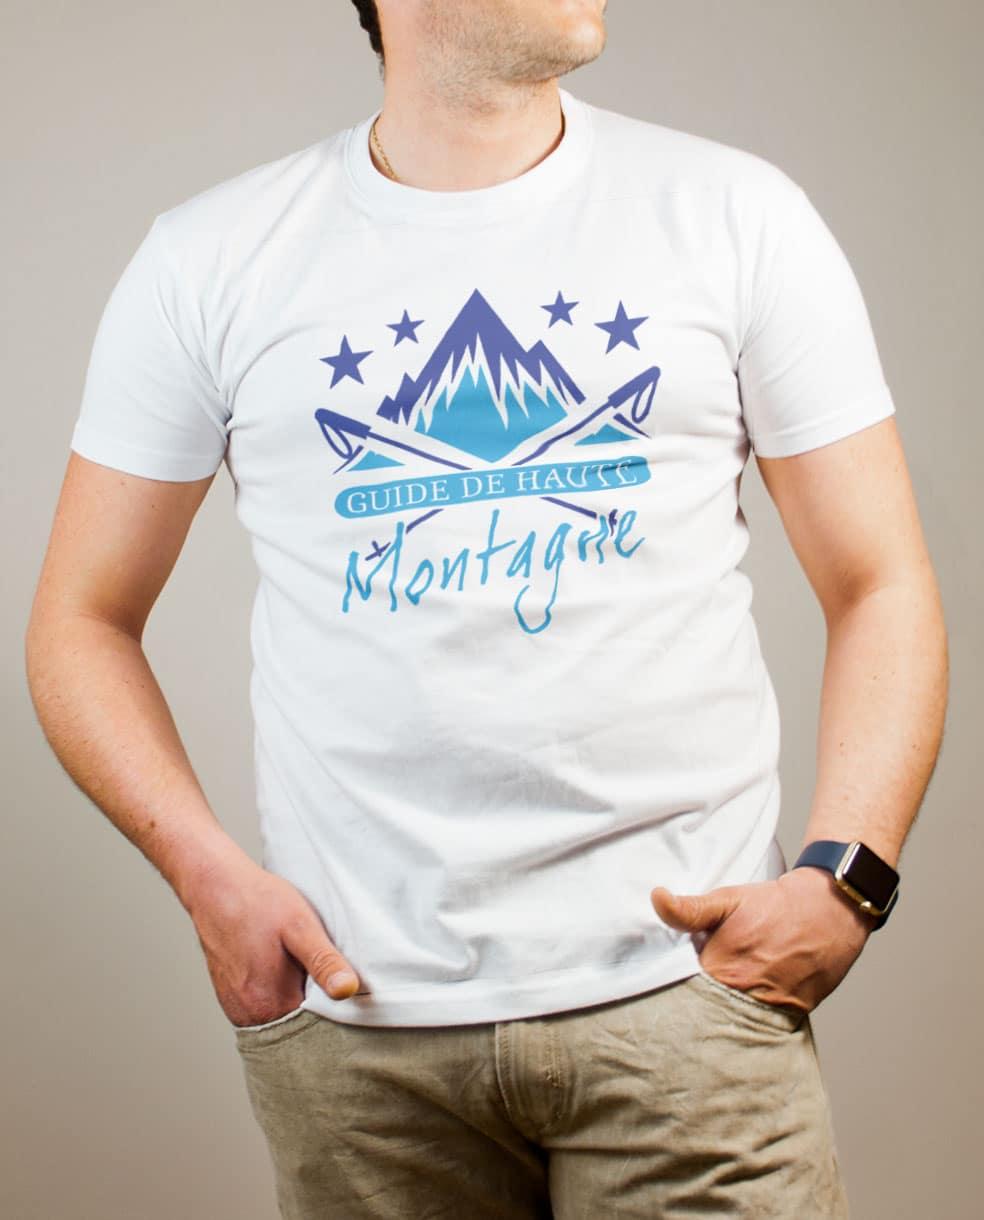 T-shirt Les Savoyards Homme : Guide de Haute Montagne de ...